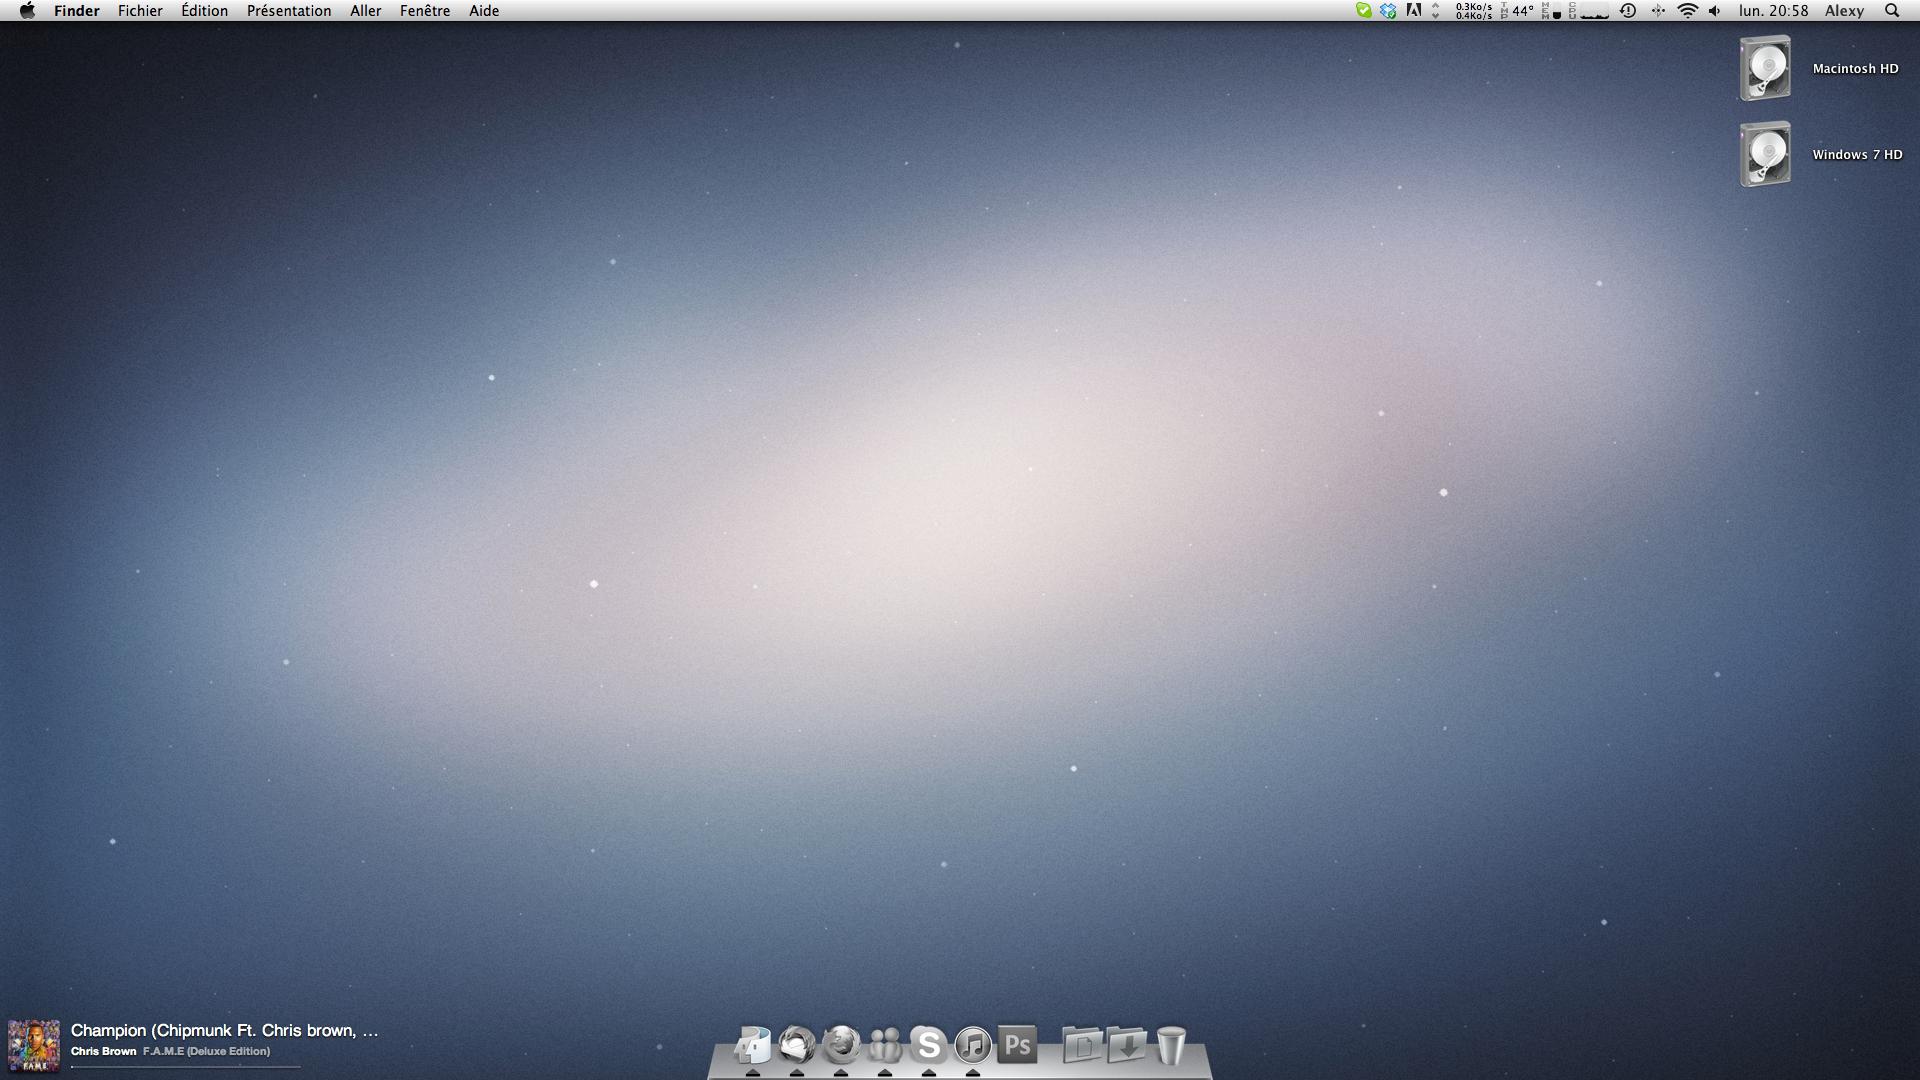 desktop mac os x lion b-wialexyy on deviantart